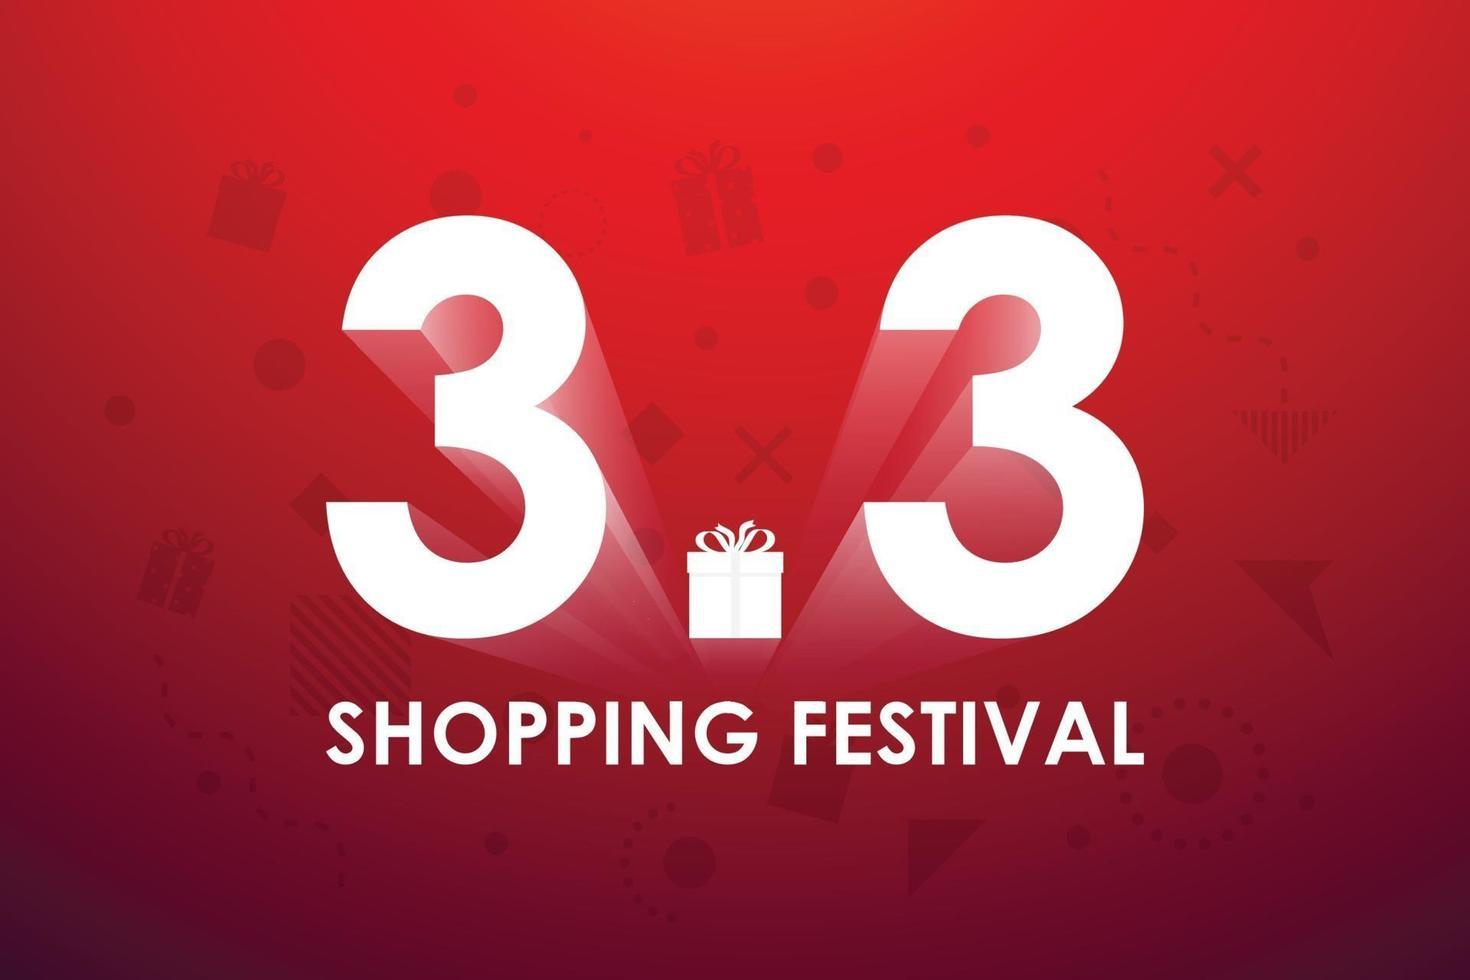 3.3 shoppingfestival, tal marknadsföring banner design på röd bakgrund. vektor illustration